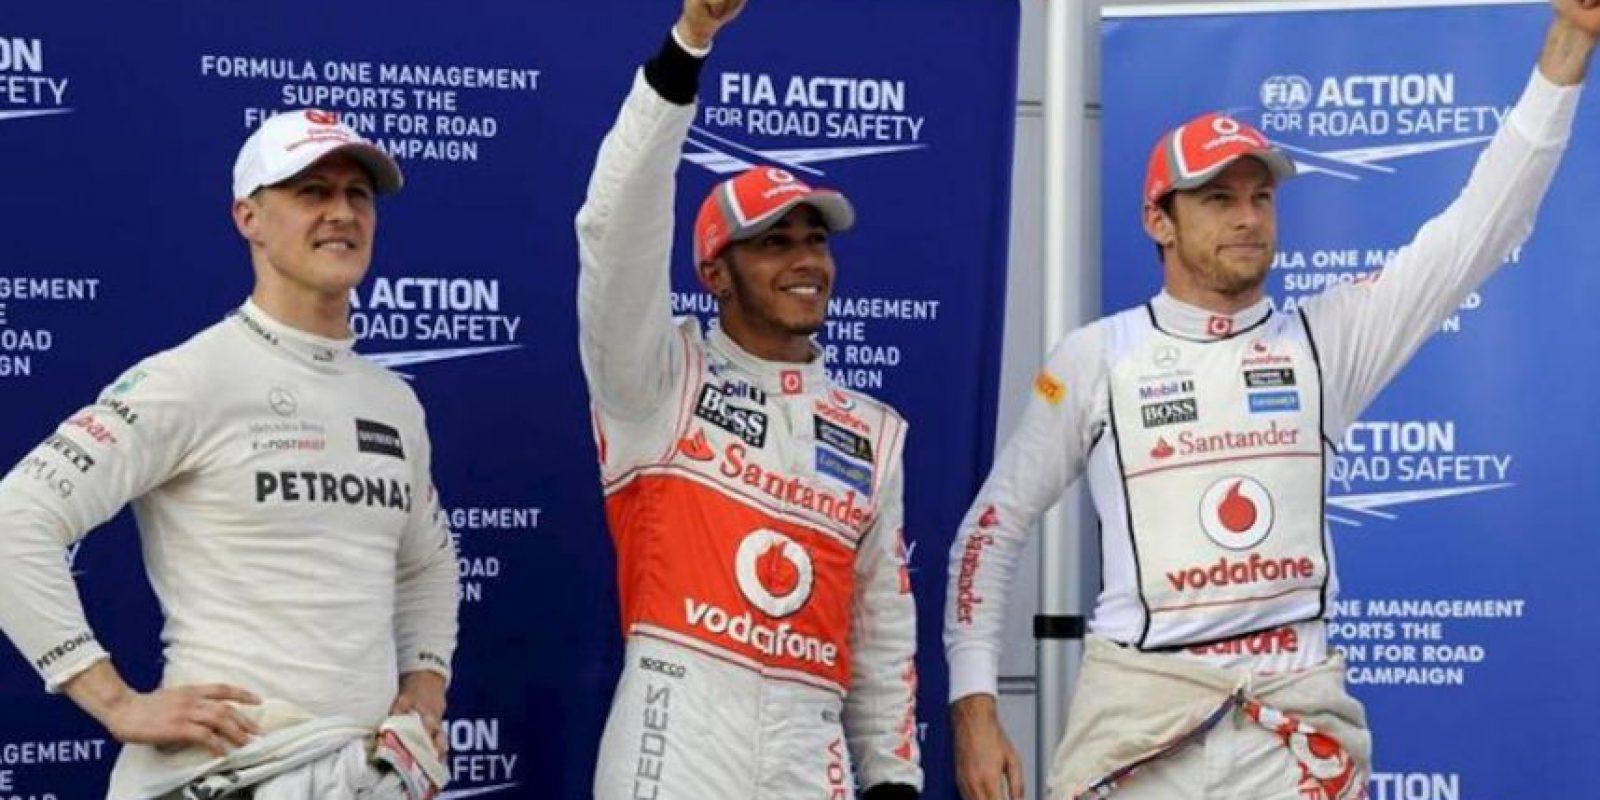 El piloto Michael Schumacher (i), de Mercedes, junto a los británicos Jenson Button (d) y Lewis Hamilton, de McLaren, tras la tercera sesión de entrenamientos en el circuito de Sepang (Malasia). EFE